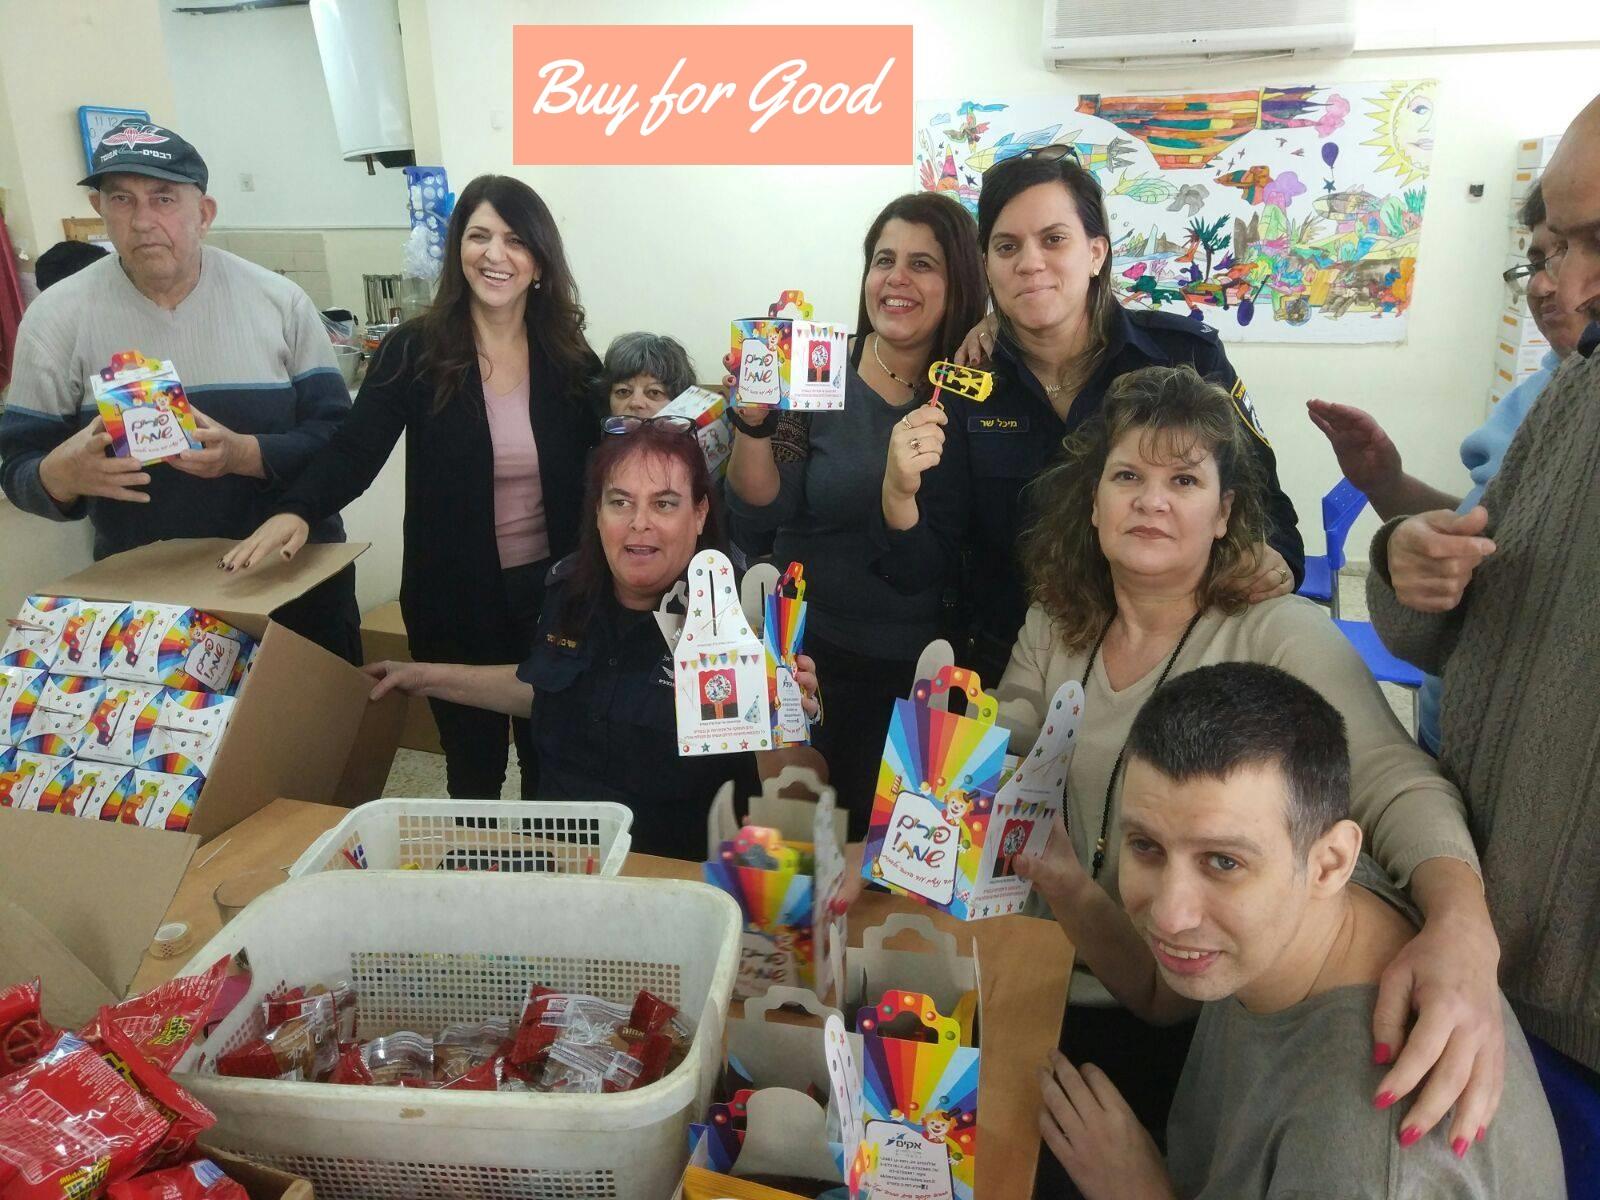 Buying for Better Lives: Buy for Good - SDG 10 -Social Impact Israel